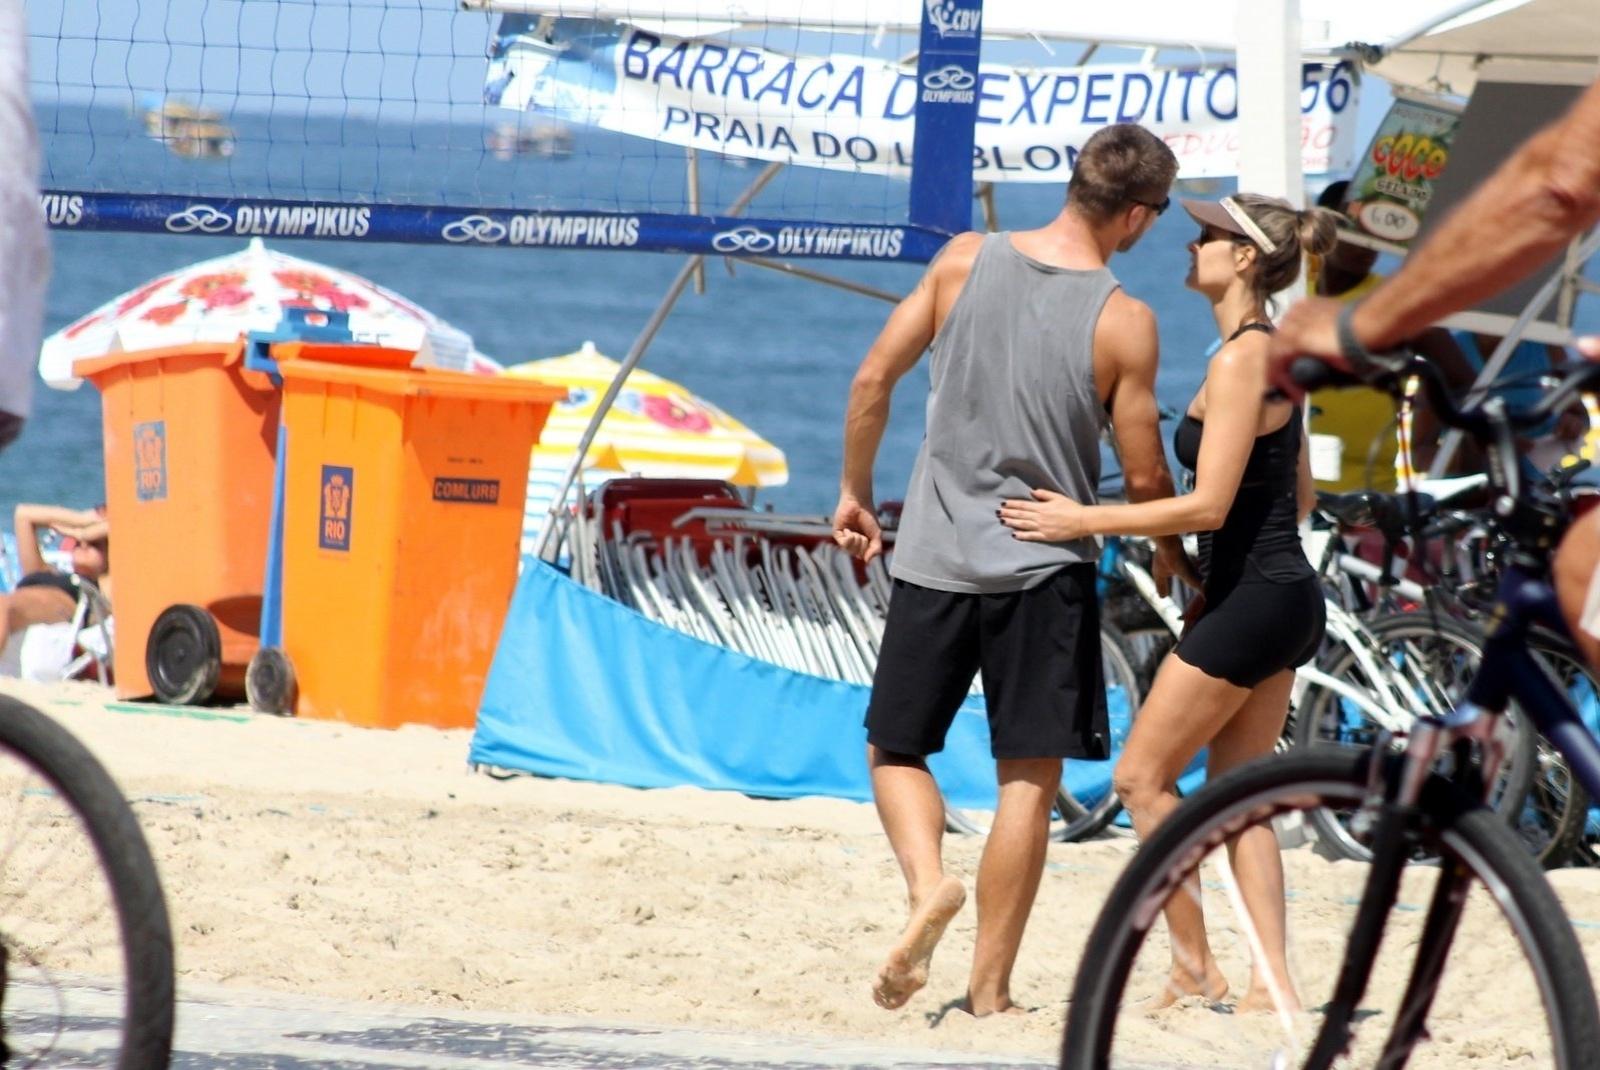 12.abr.2014 - Fernanda Lima e Rodrigo Hilbert conversam durante partida de vôlei na praia do Leblon, no Rio de Janeiro